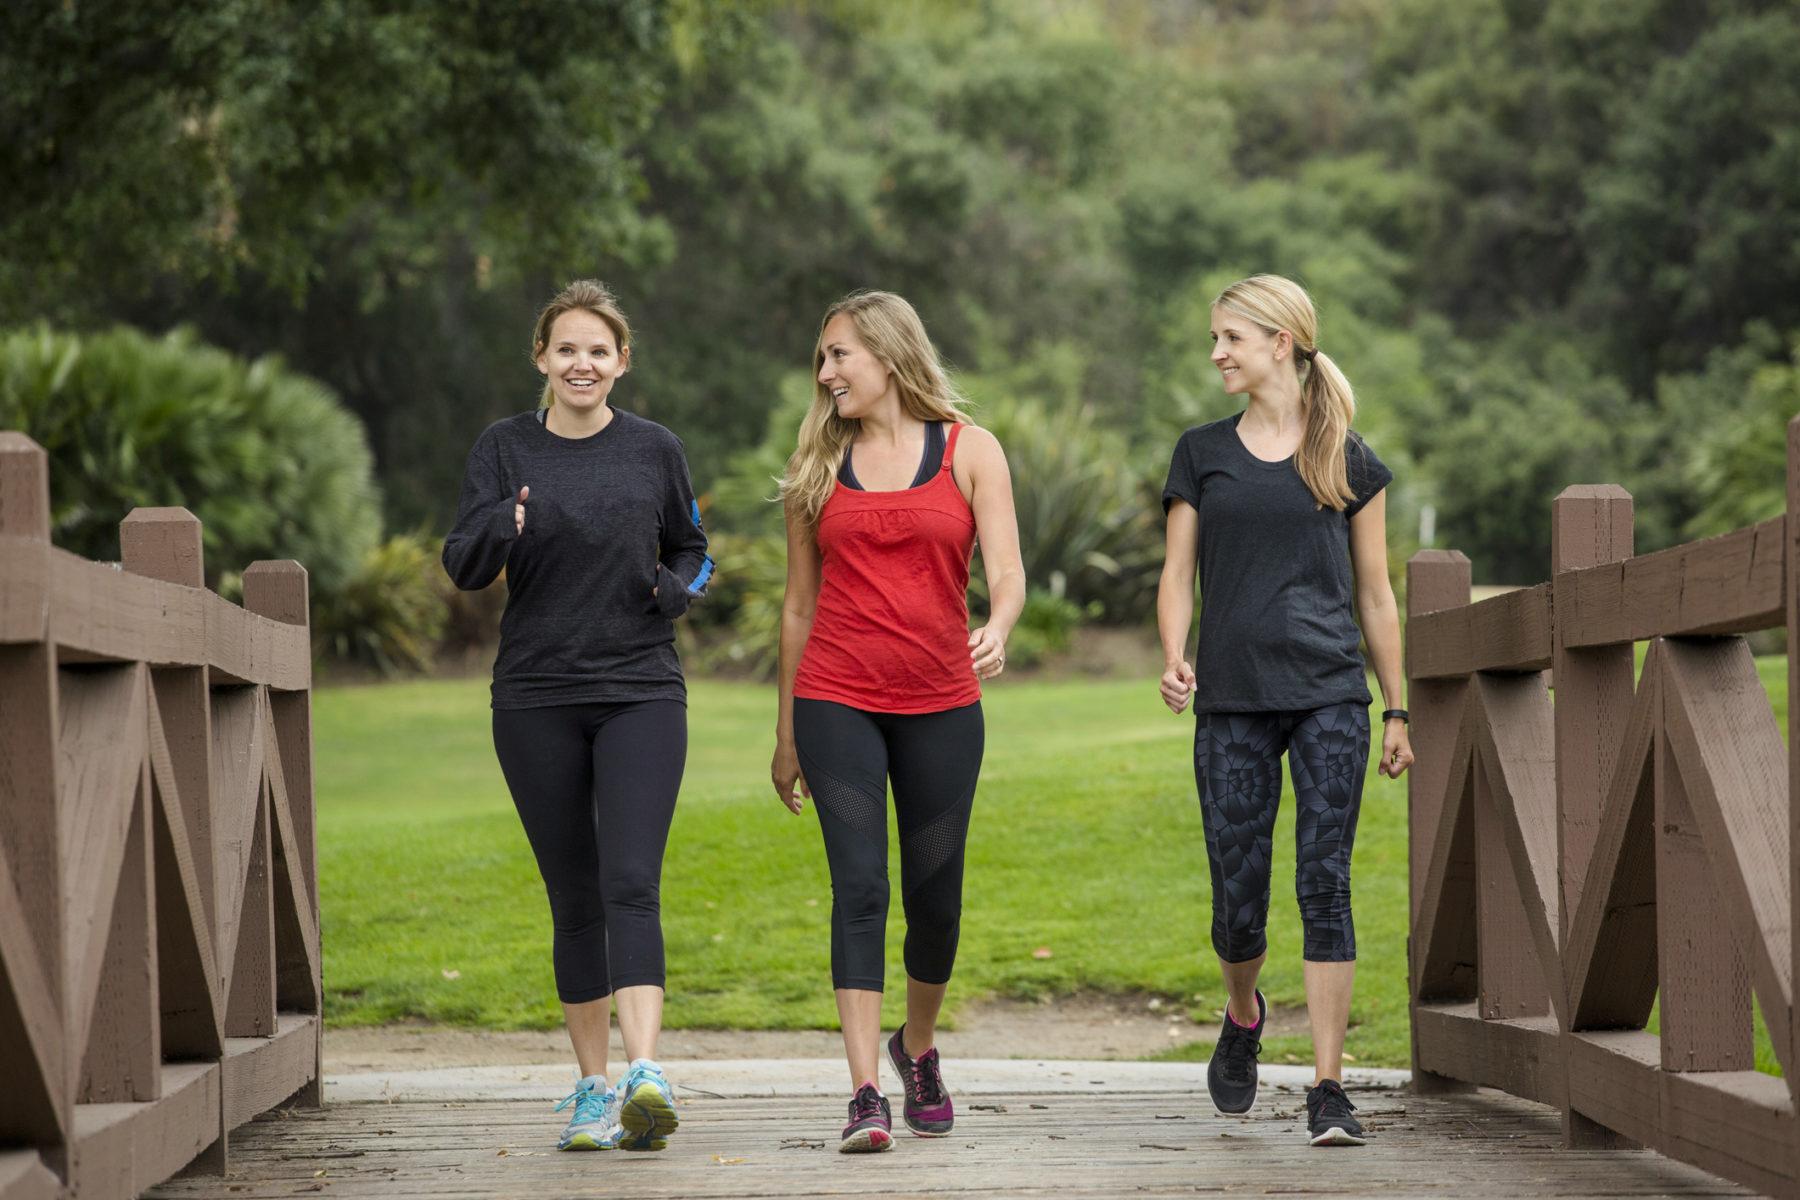 Μακροζωία: πόσα βήματα την ημέρα μειώνουν τον κίνδυνο θανάτου κατά 70%